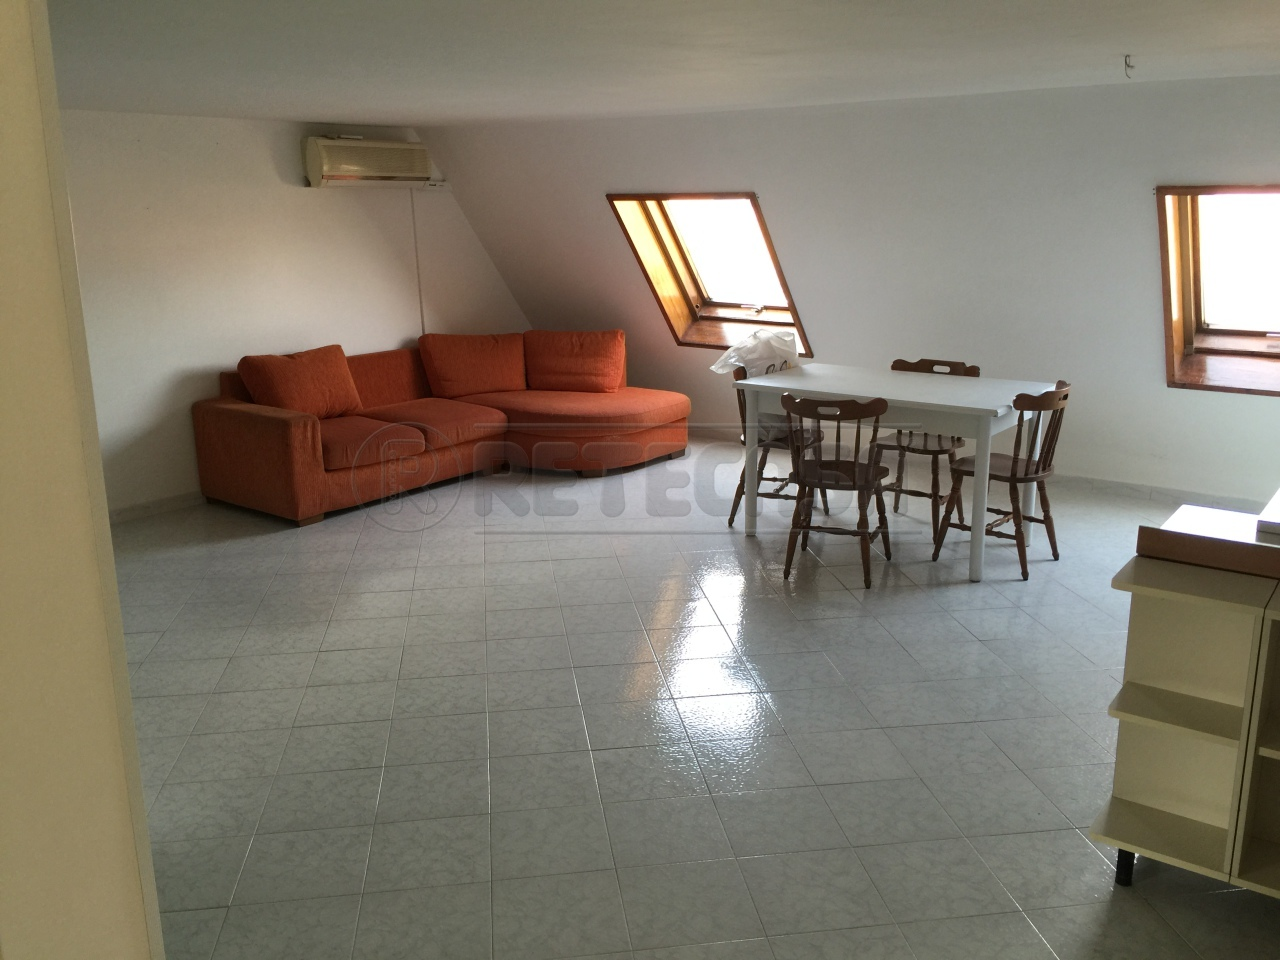 Attico / Mansarda in affitto a Catanzaro, 3 locali, prezzo € 350 | Cambio Casa.it